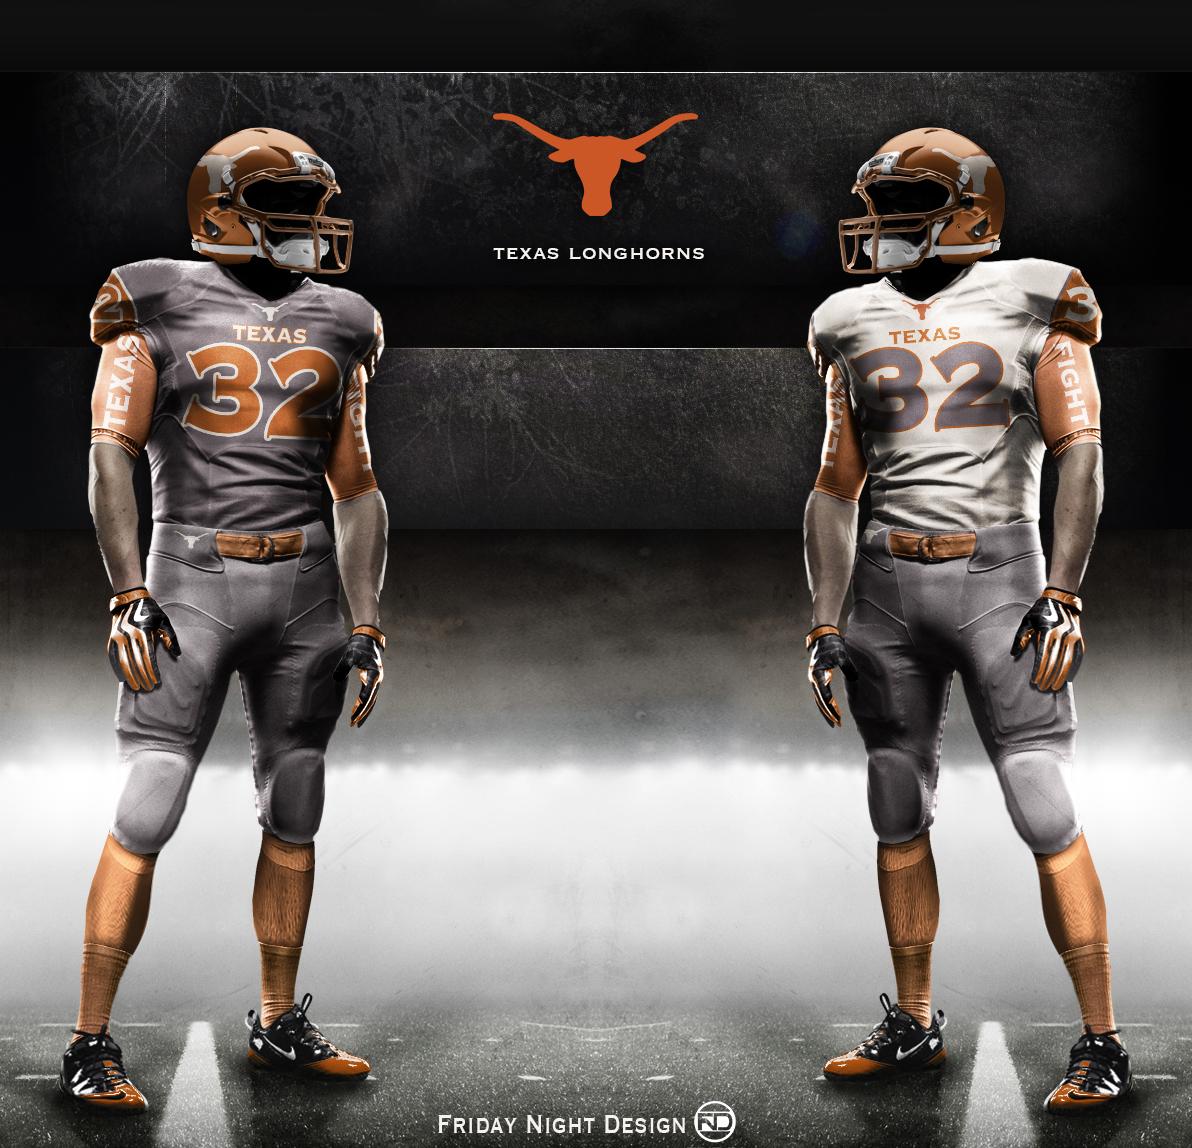 new arrival 11c5c b9866 Texas Longhorn Uniform Concept Designs